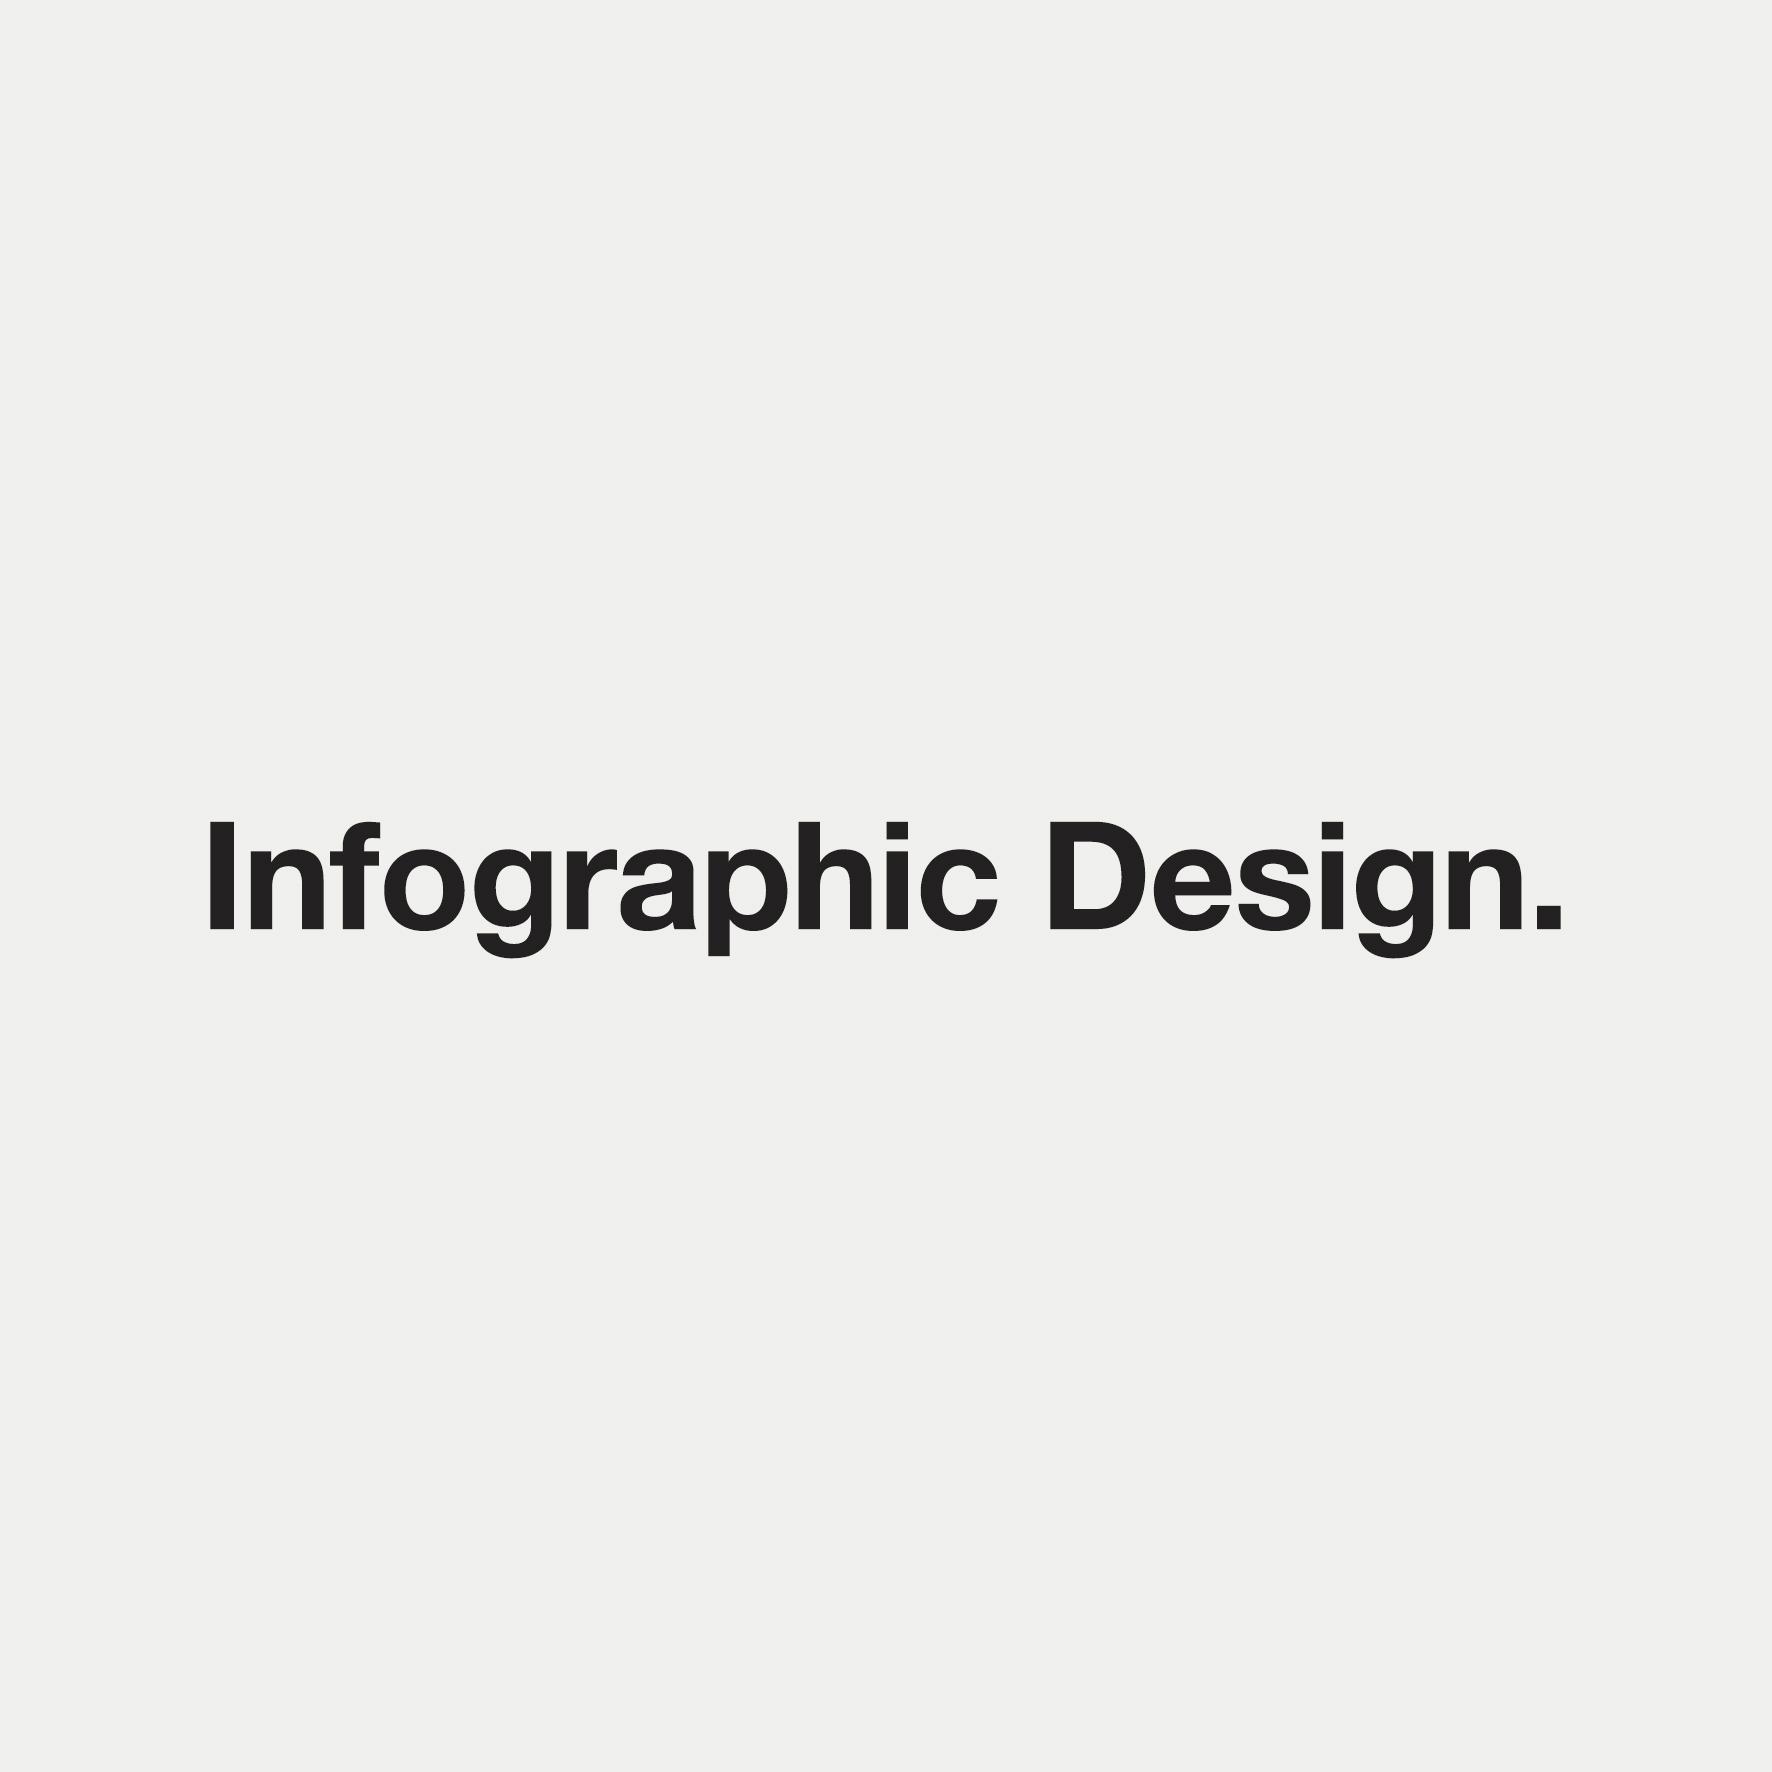 Design - Infographic Thumbnail.jpg